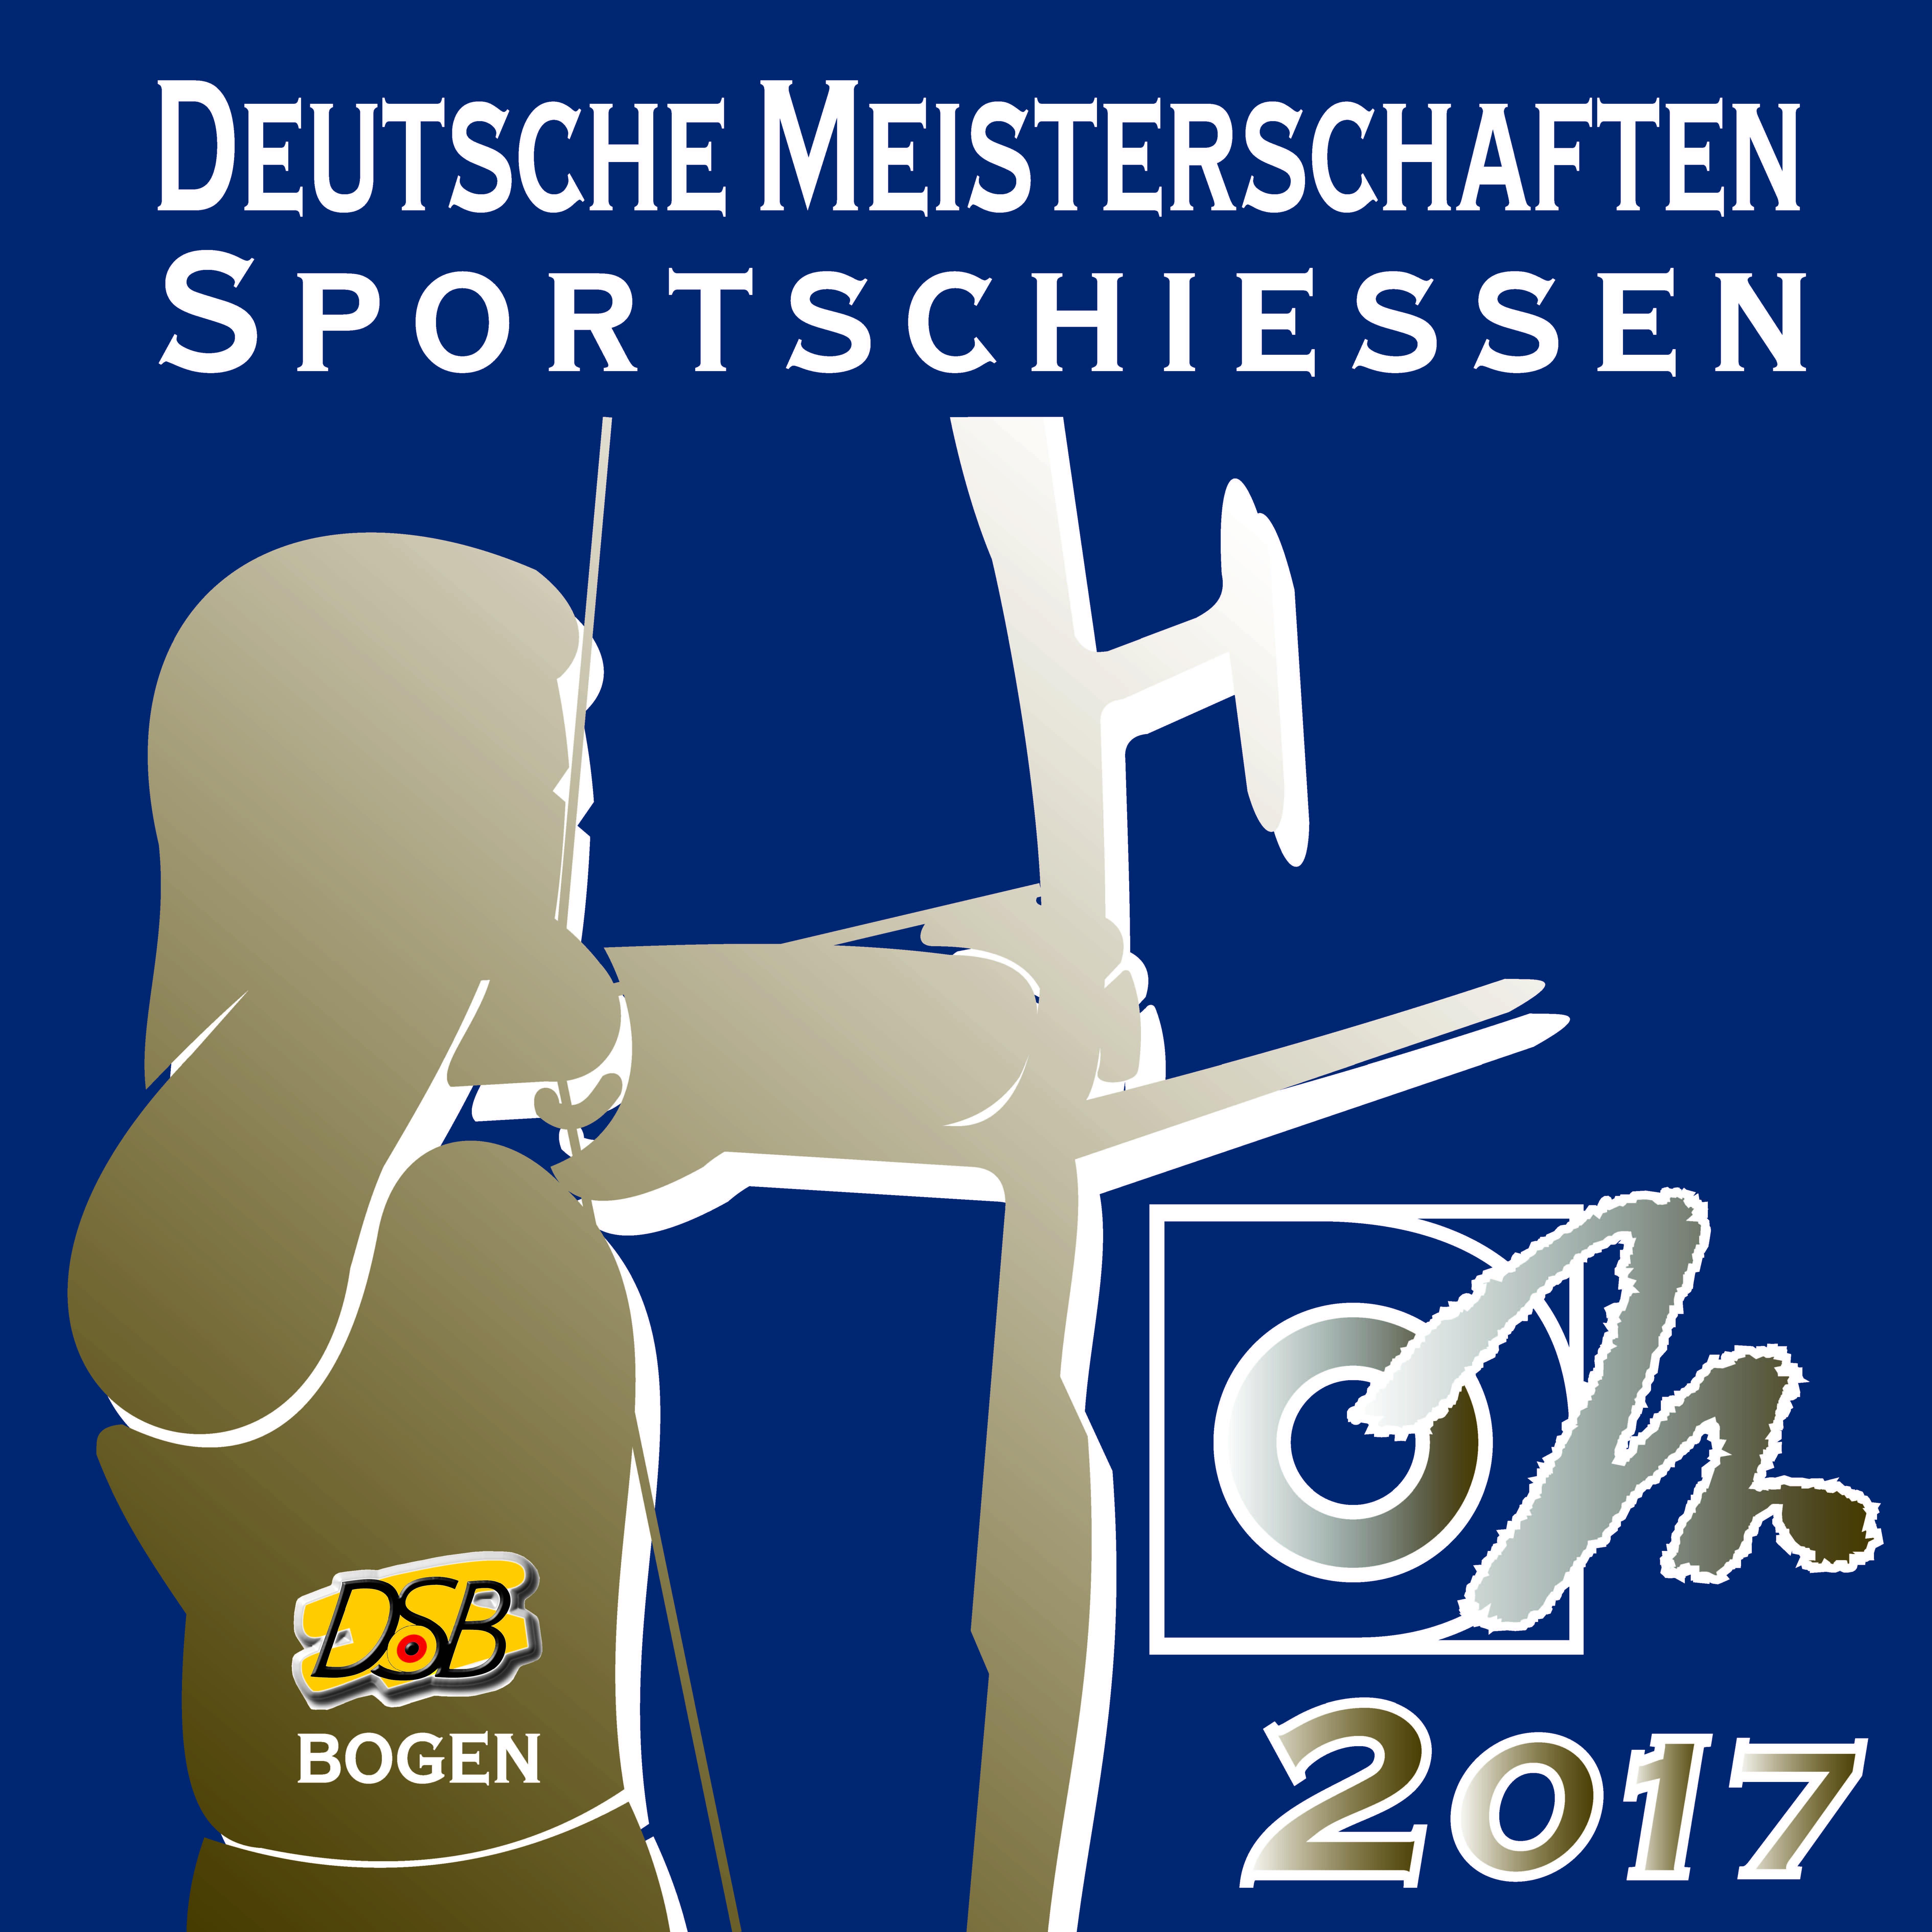 http://www.dsb.de/media/EVENTS/2017/DM/DM_Hof_-B_Halle-/Bogen.jpg